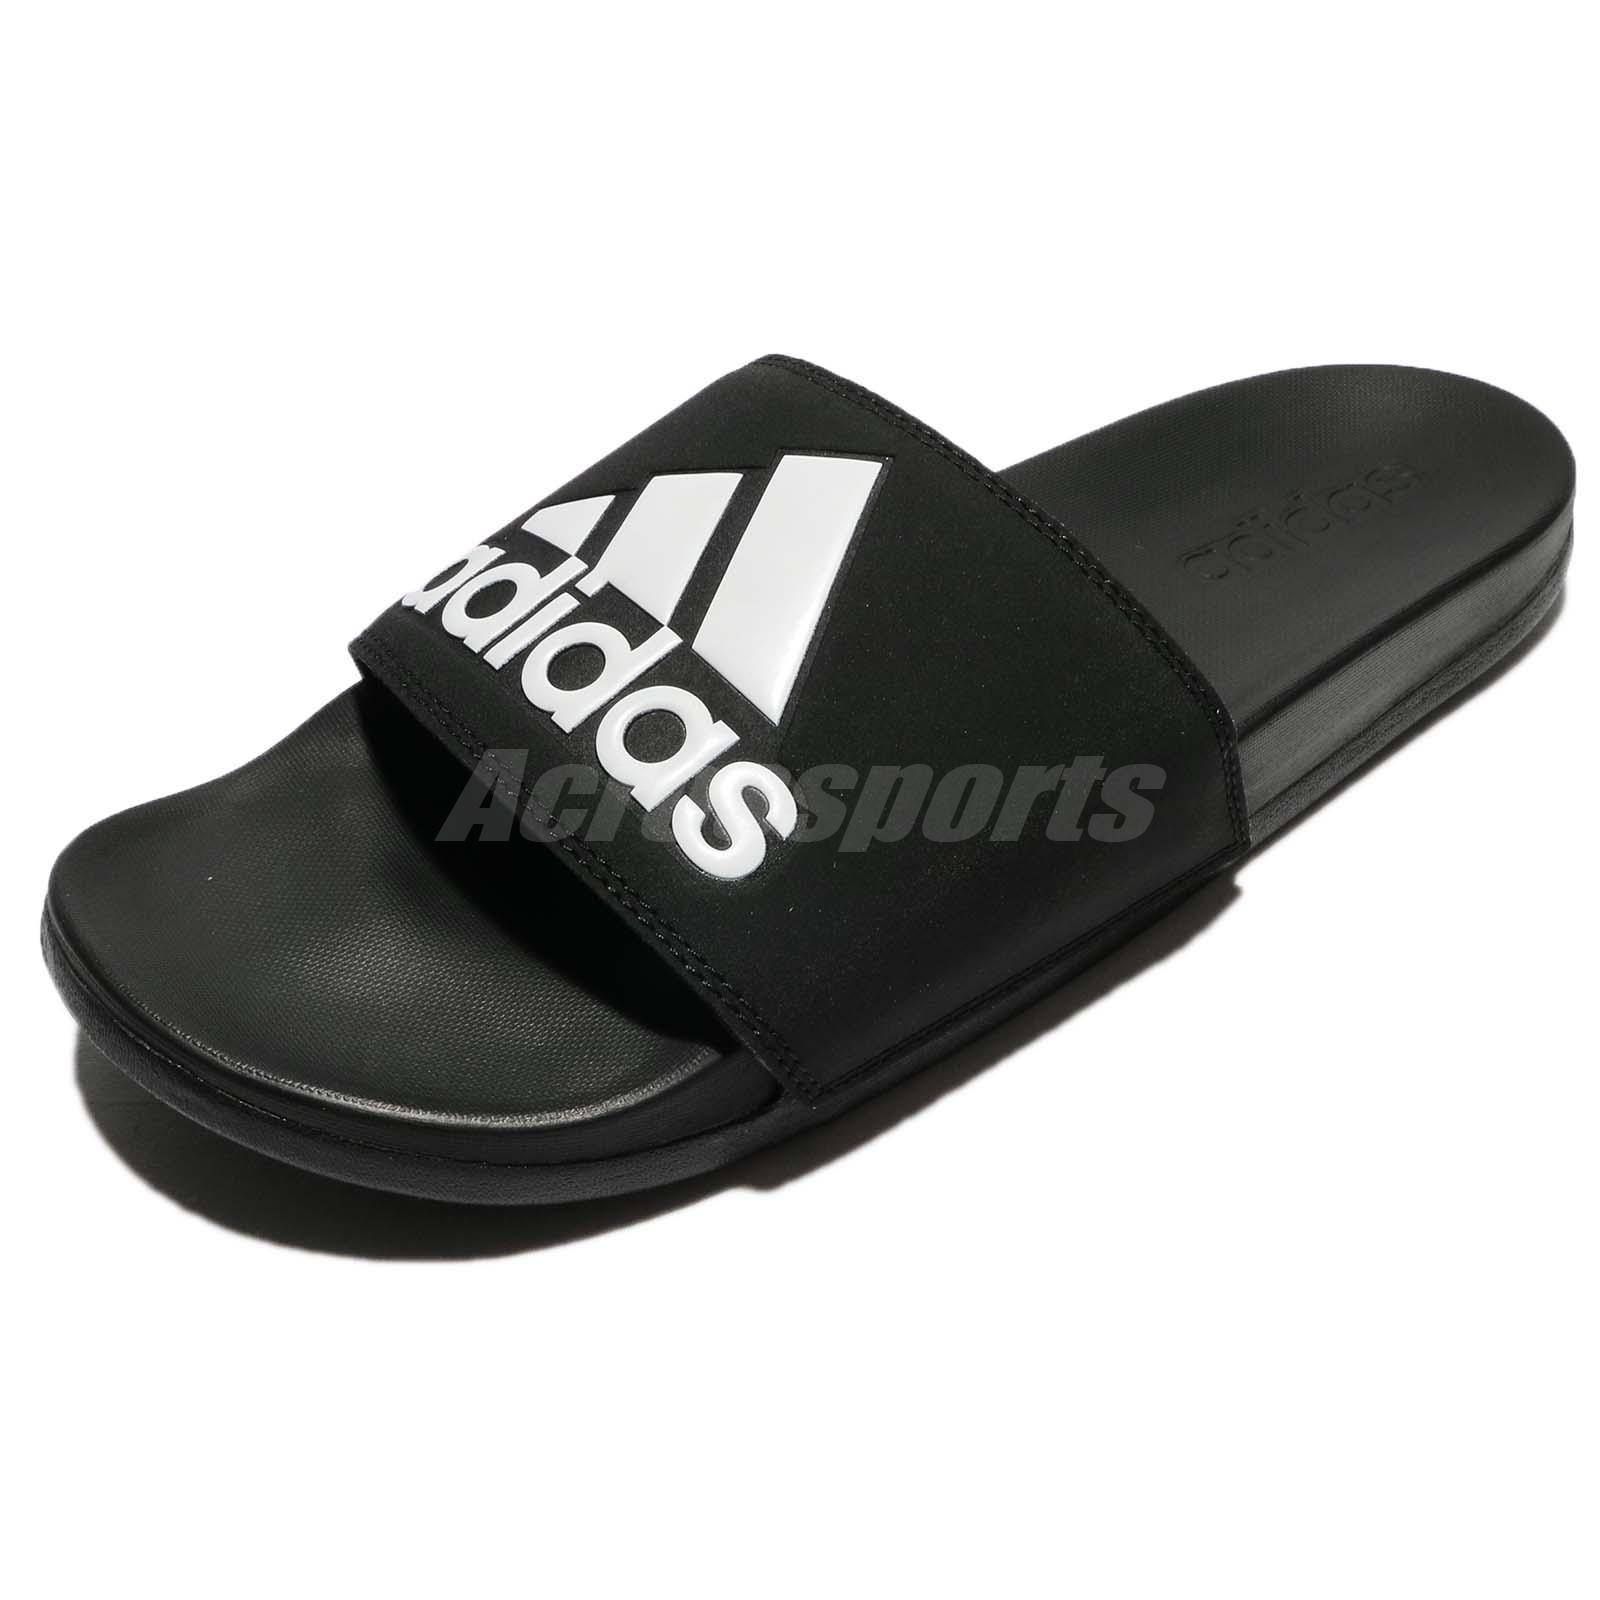 6d146fcb6c6875 adidas Adilette CF Comfort Logo Black White Men Sandal Slides Slippers  CG3425